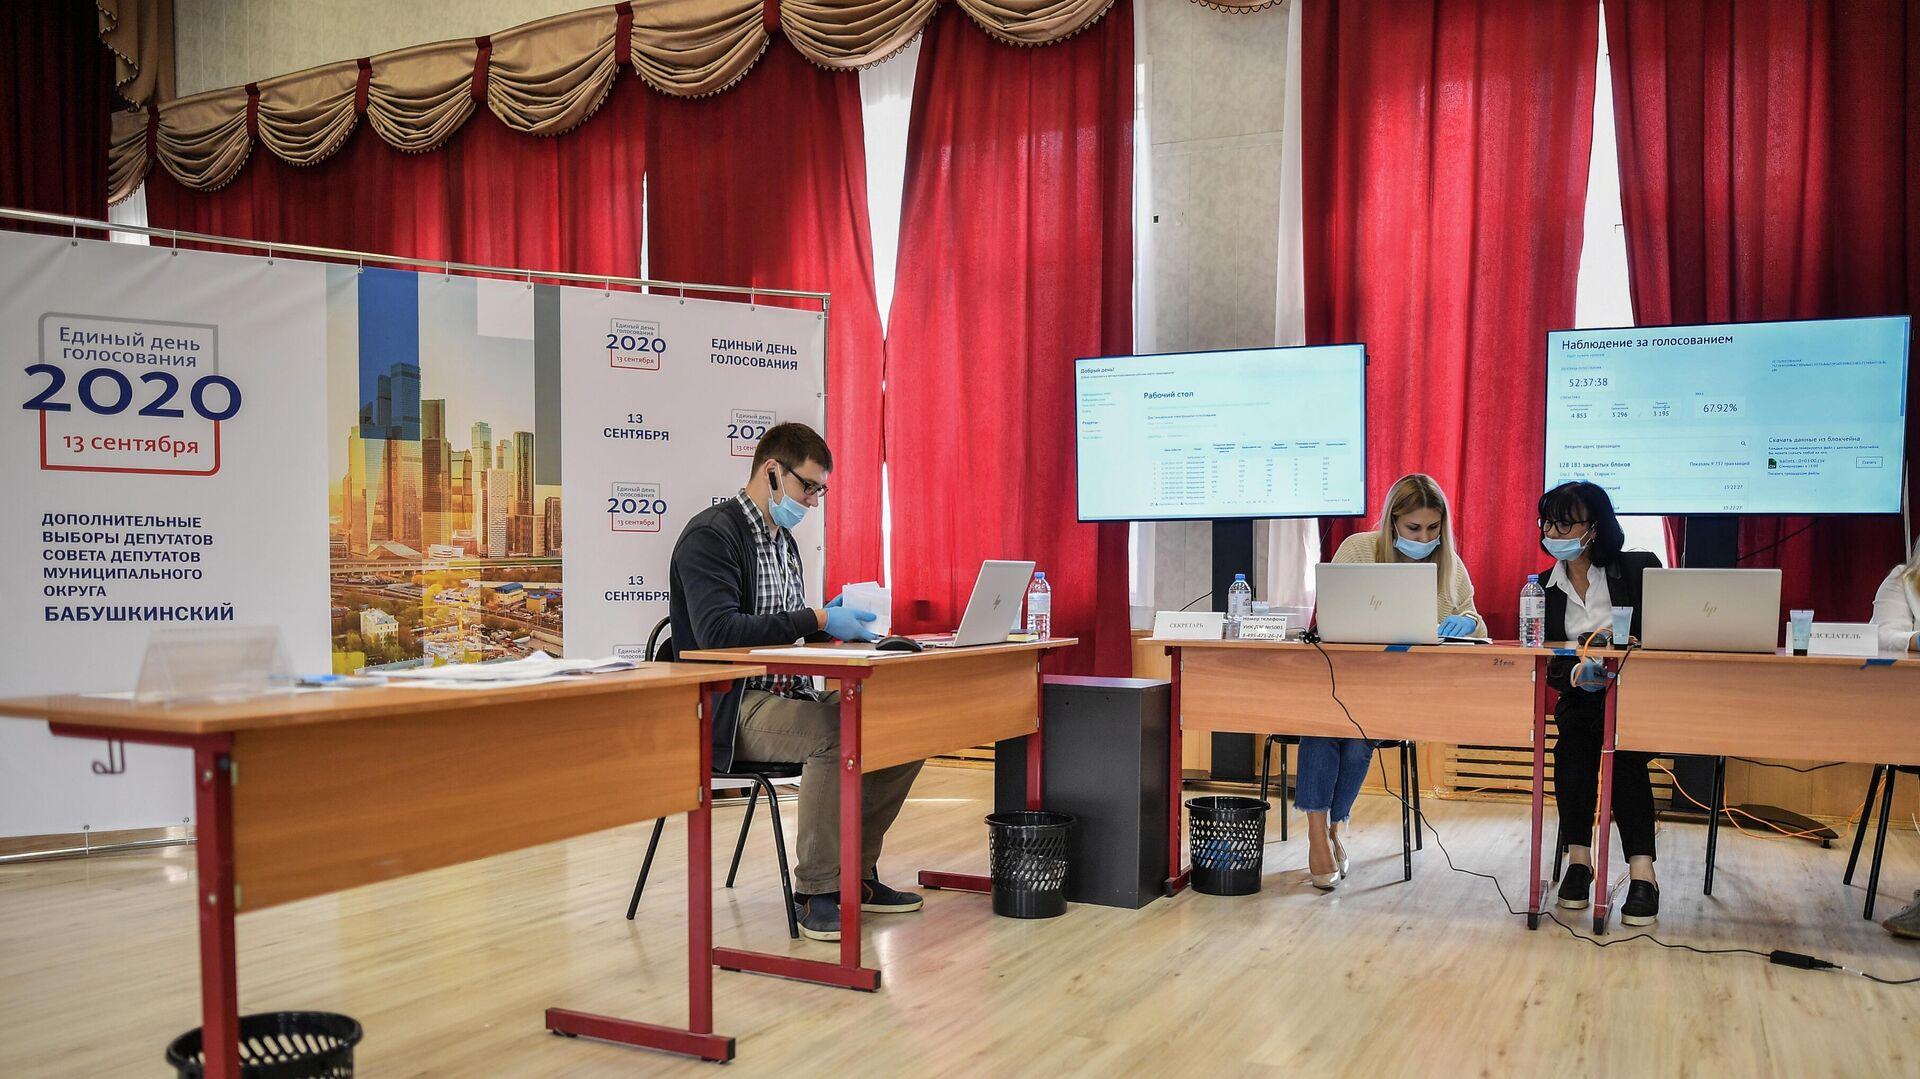 Избирательная комиссия на цифровом избирательном участке в Москве - РИА Новости, 1920, 12.09.2020